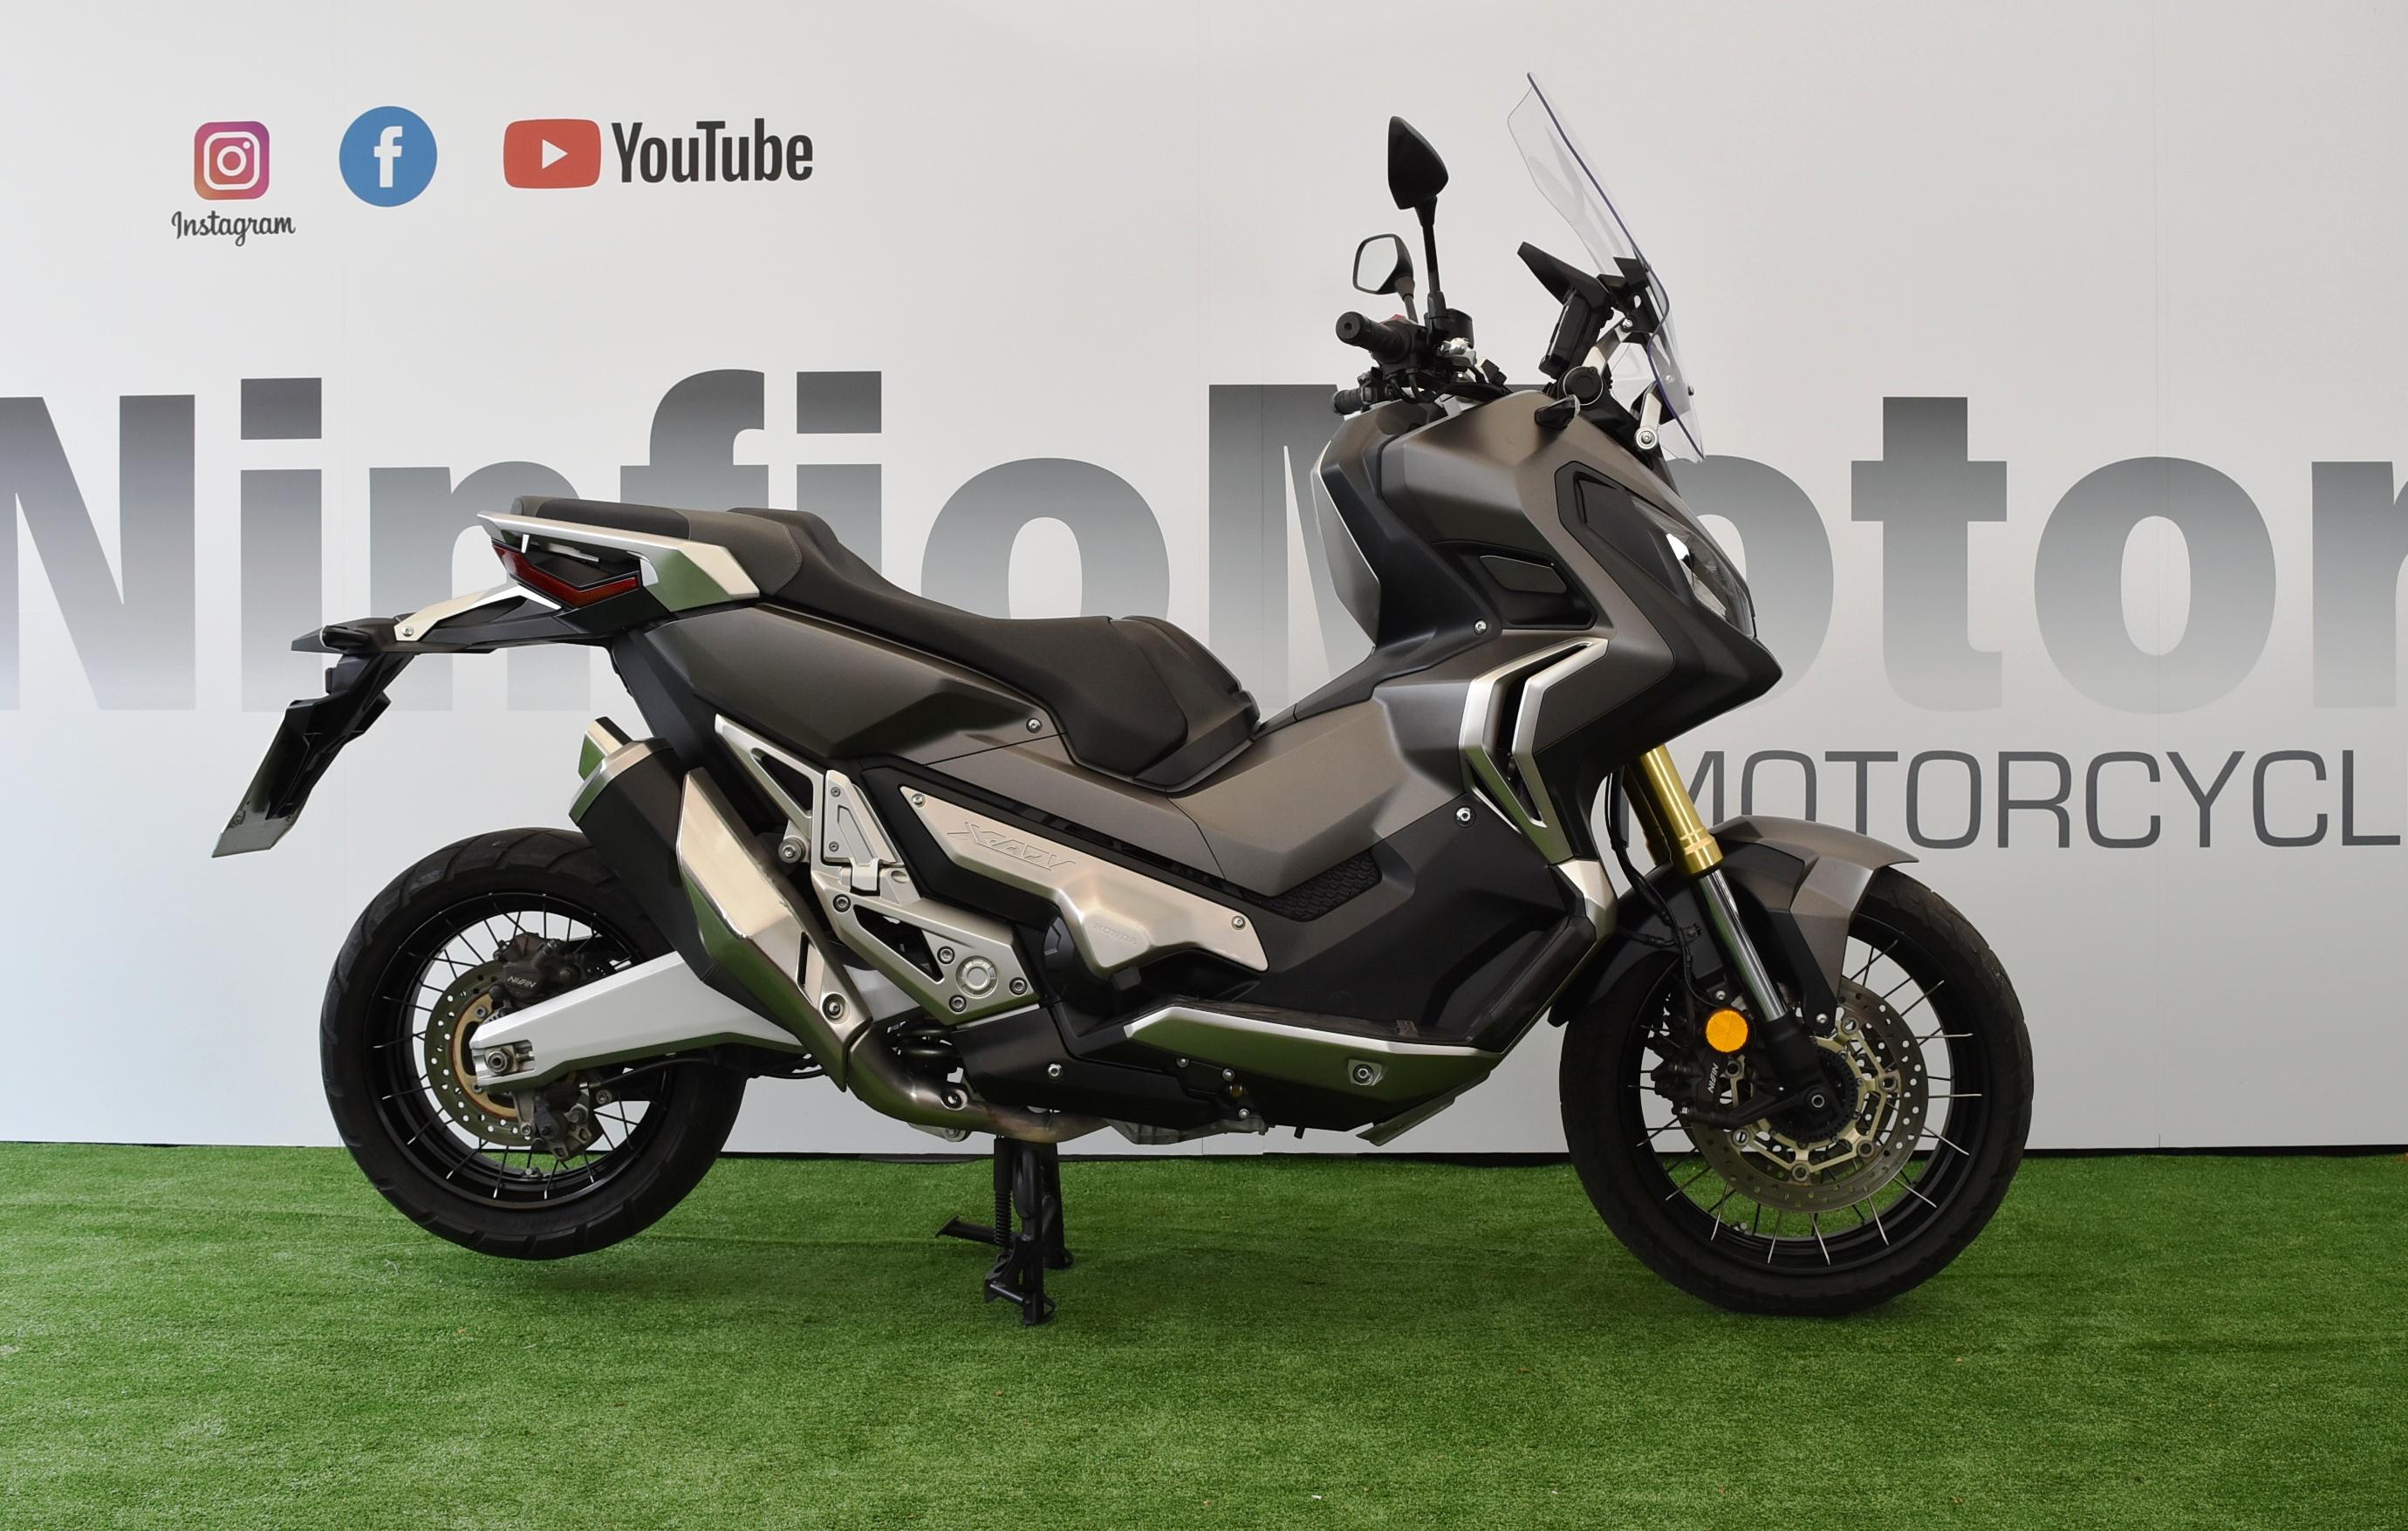 HONDA X ADV 750 – 2017